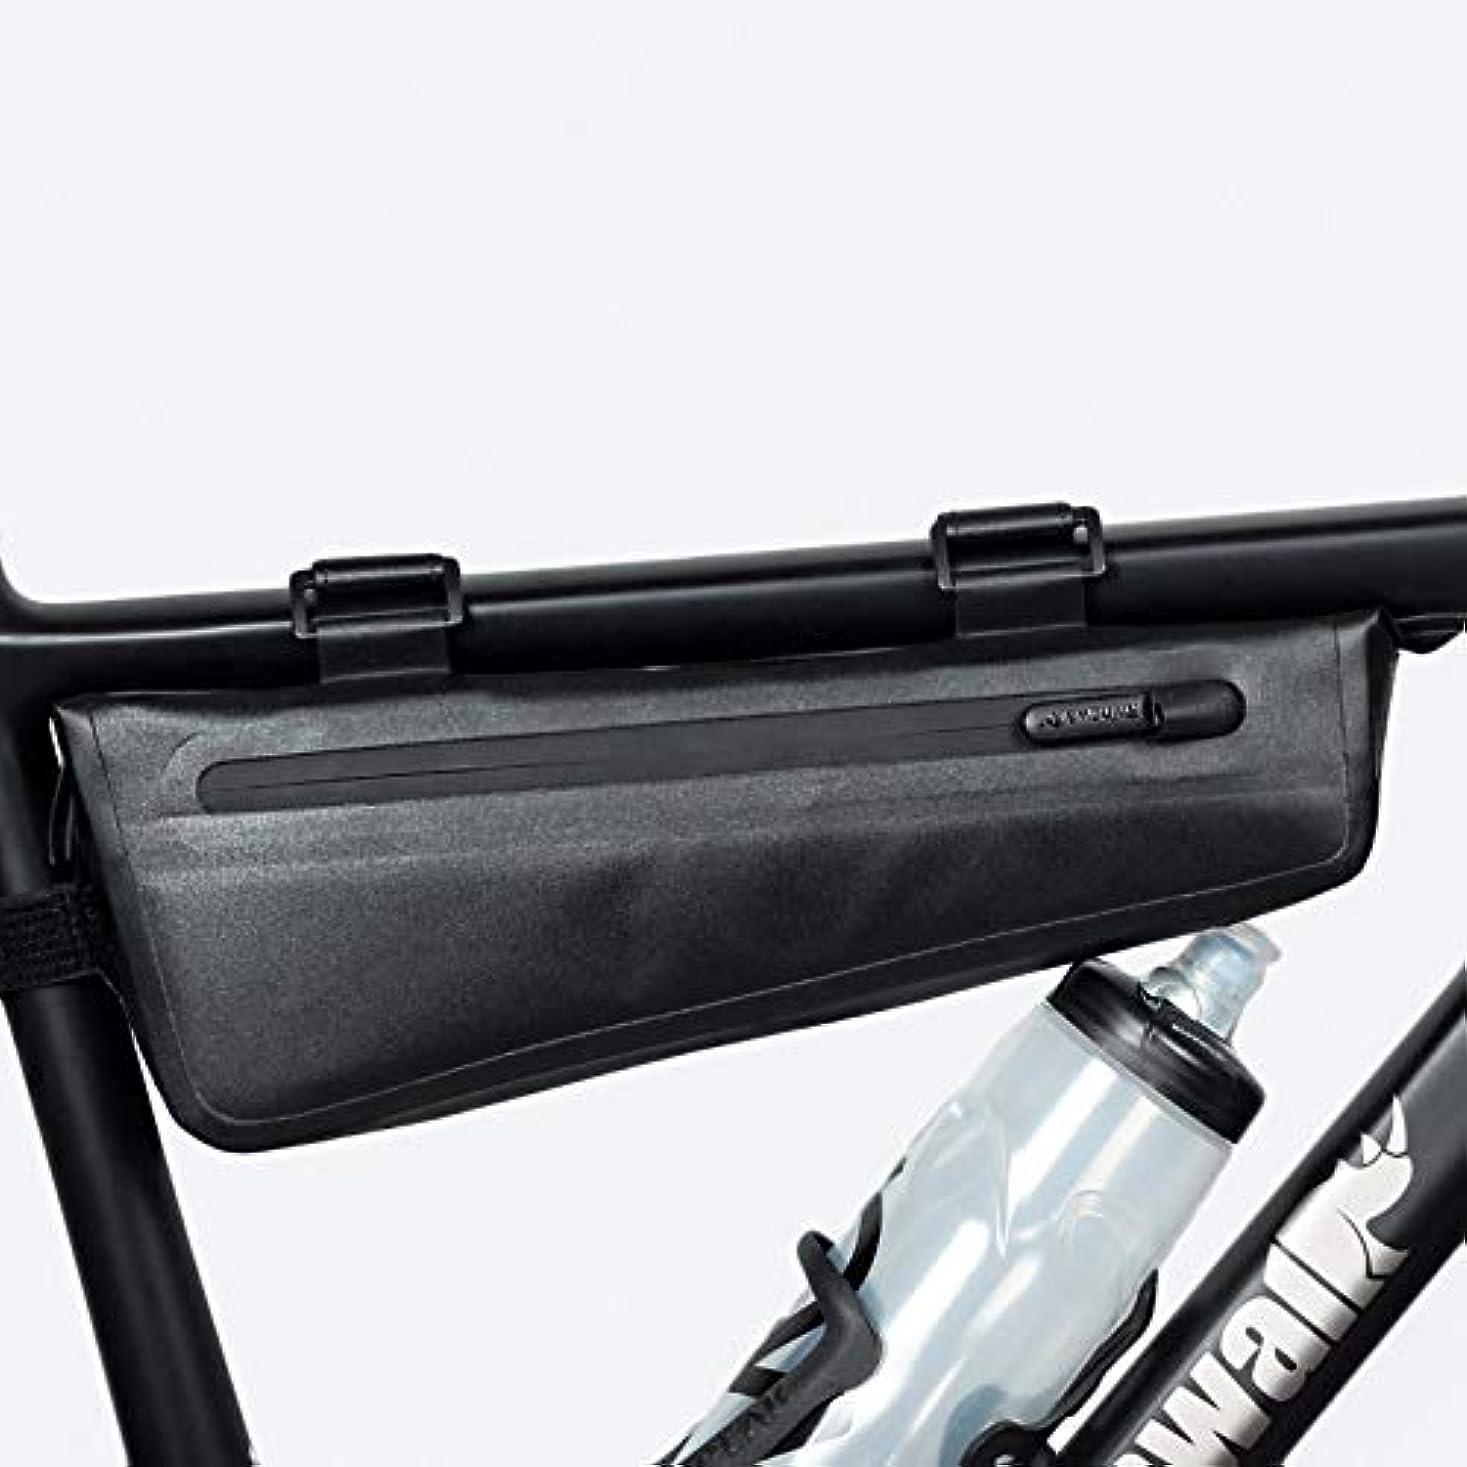 氏飼い慣らす納得させるMeet now 自転車用サドルバッグ防水性と耐久性に優れた後部座席用バッグサドルバッグの分解が簡単 品質保証